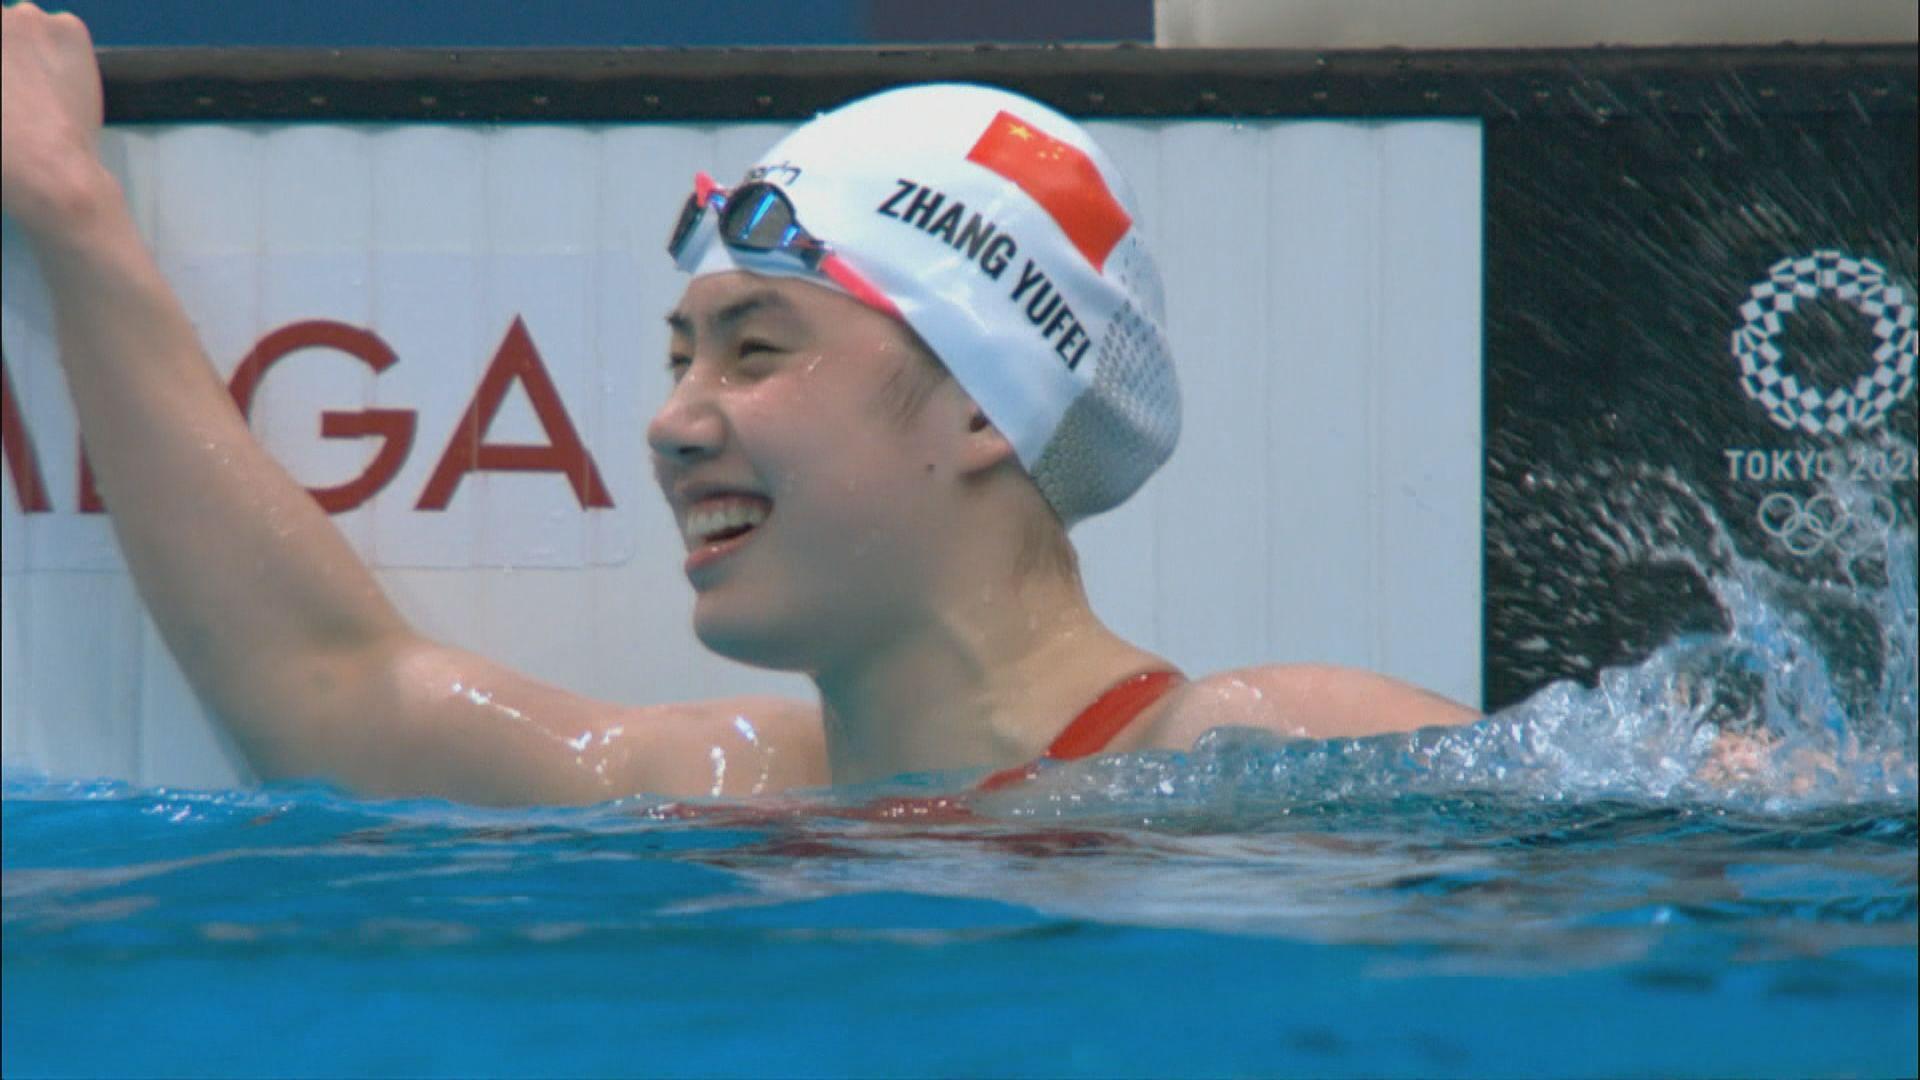 國家隊奪得女子200米蝶泳金牌